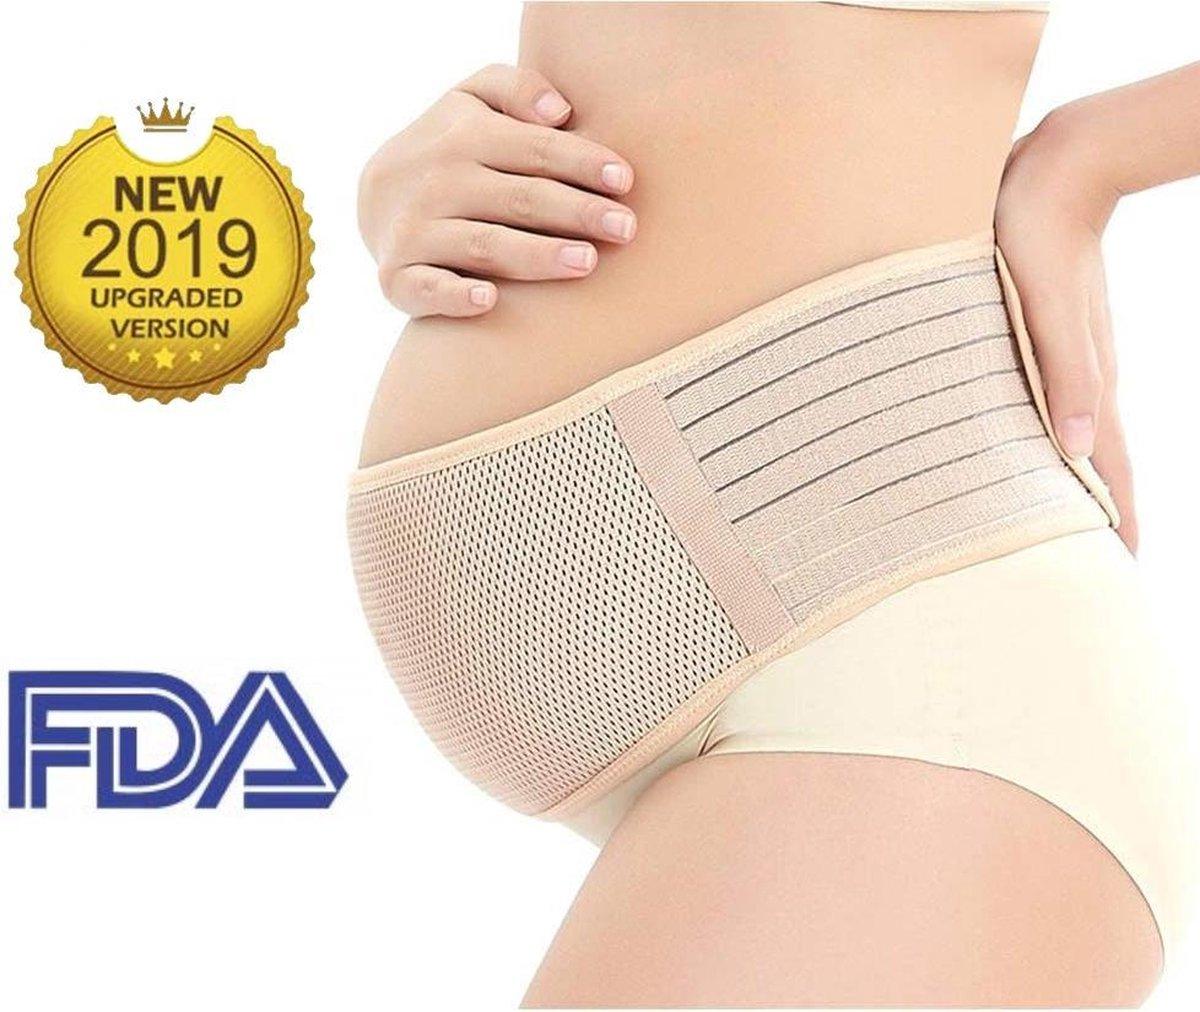 Zwangerschapssteunband - Bekkenbrace - Buikband voor zwangere vrouwen - Zwangerschapsband - Zwangers